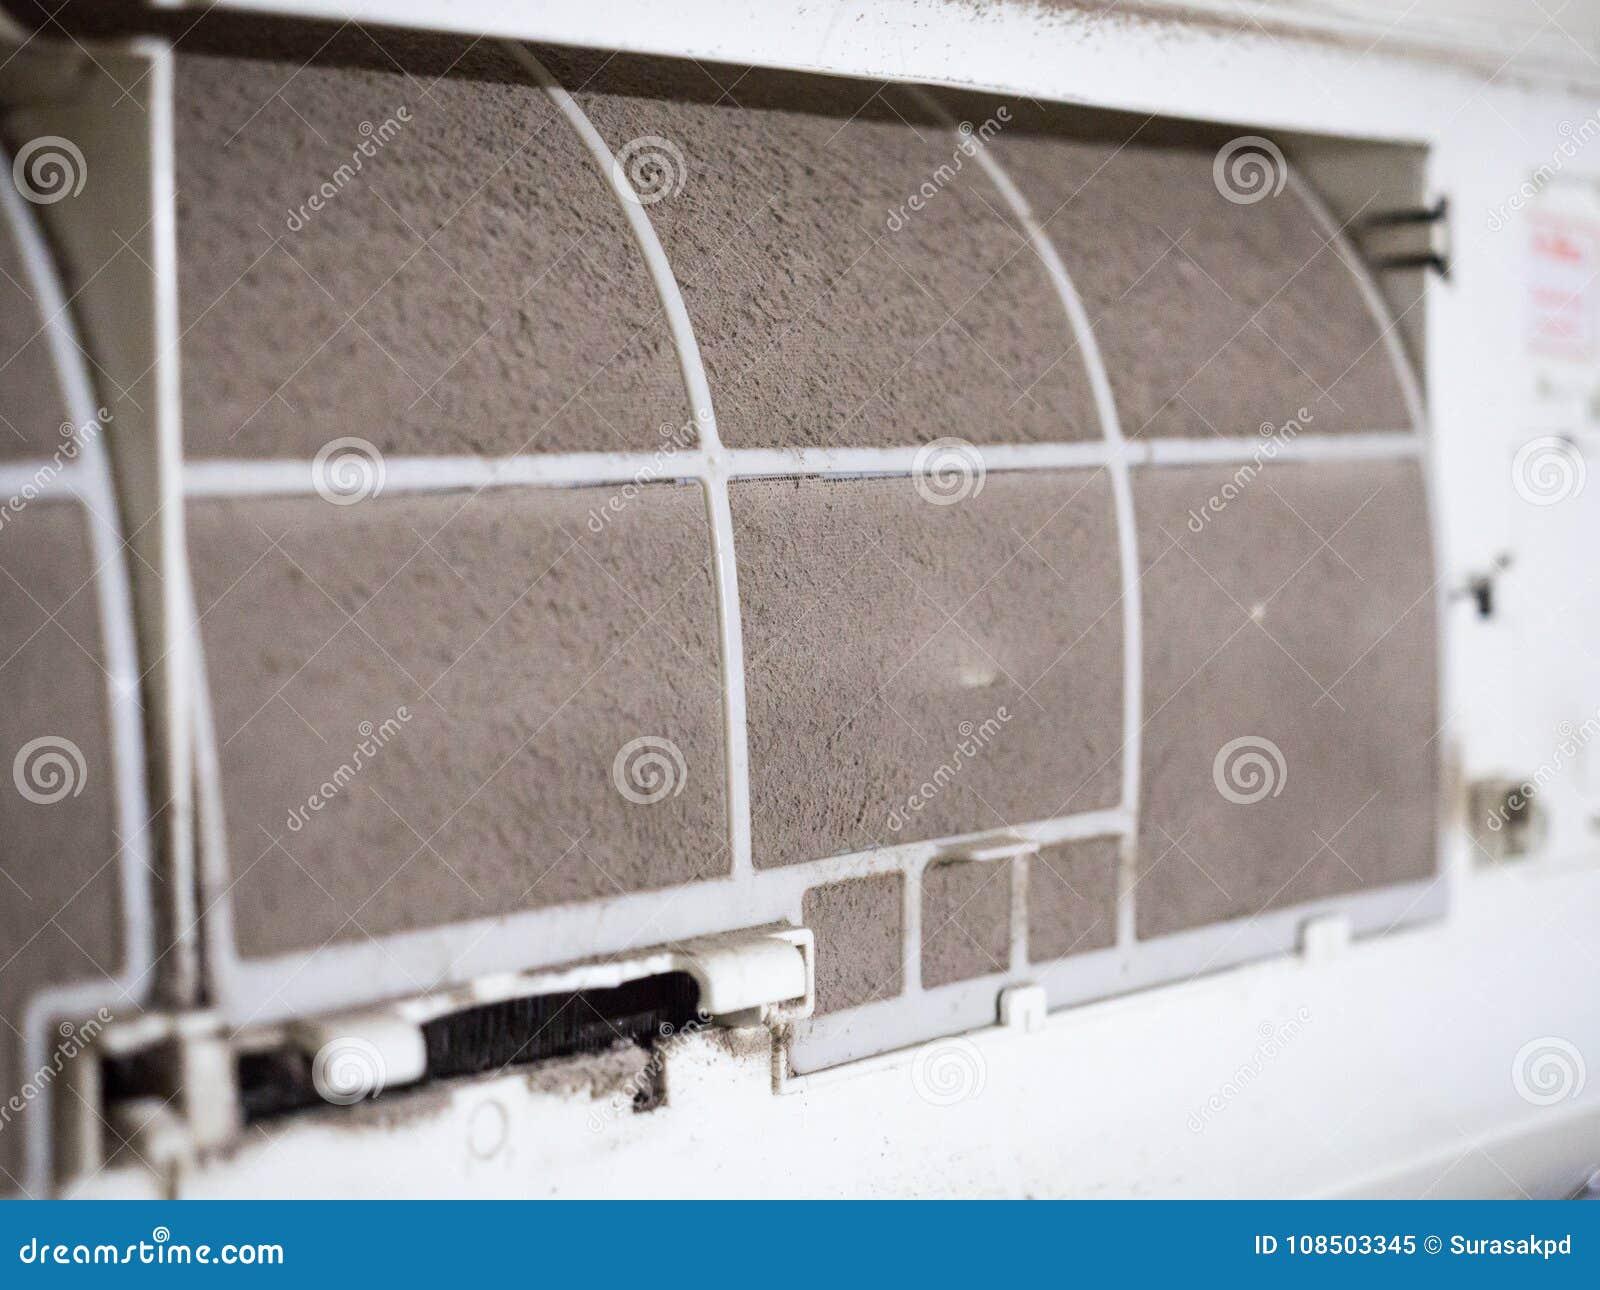 Έμφραξη φίλτρων εγχώριων κλιματιστικών μηχανημάτων ` s με πλήρως της σκόνης, βρώμικο FI